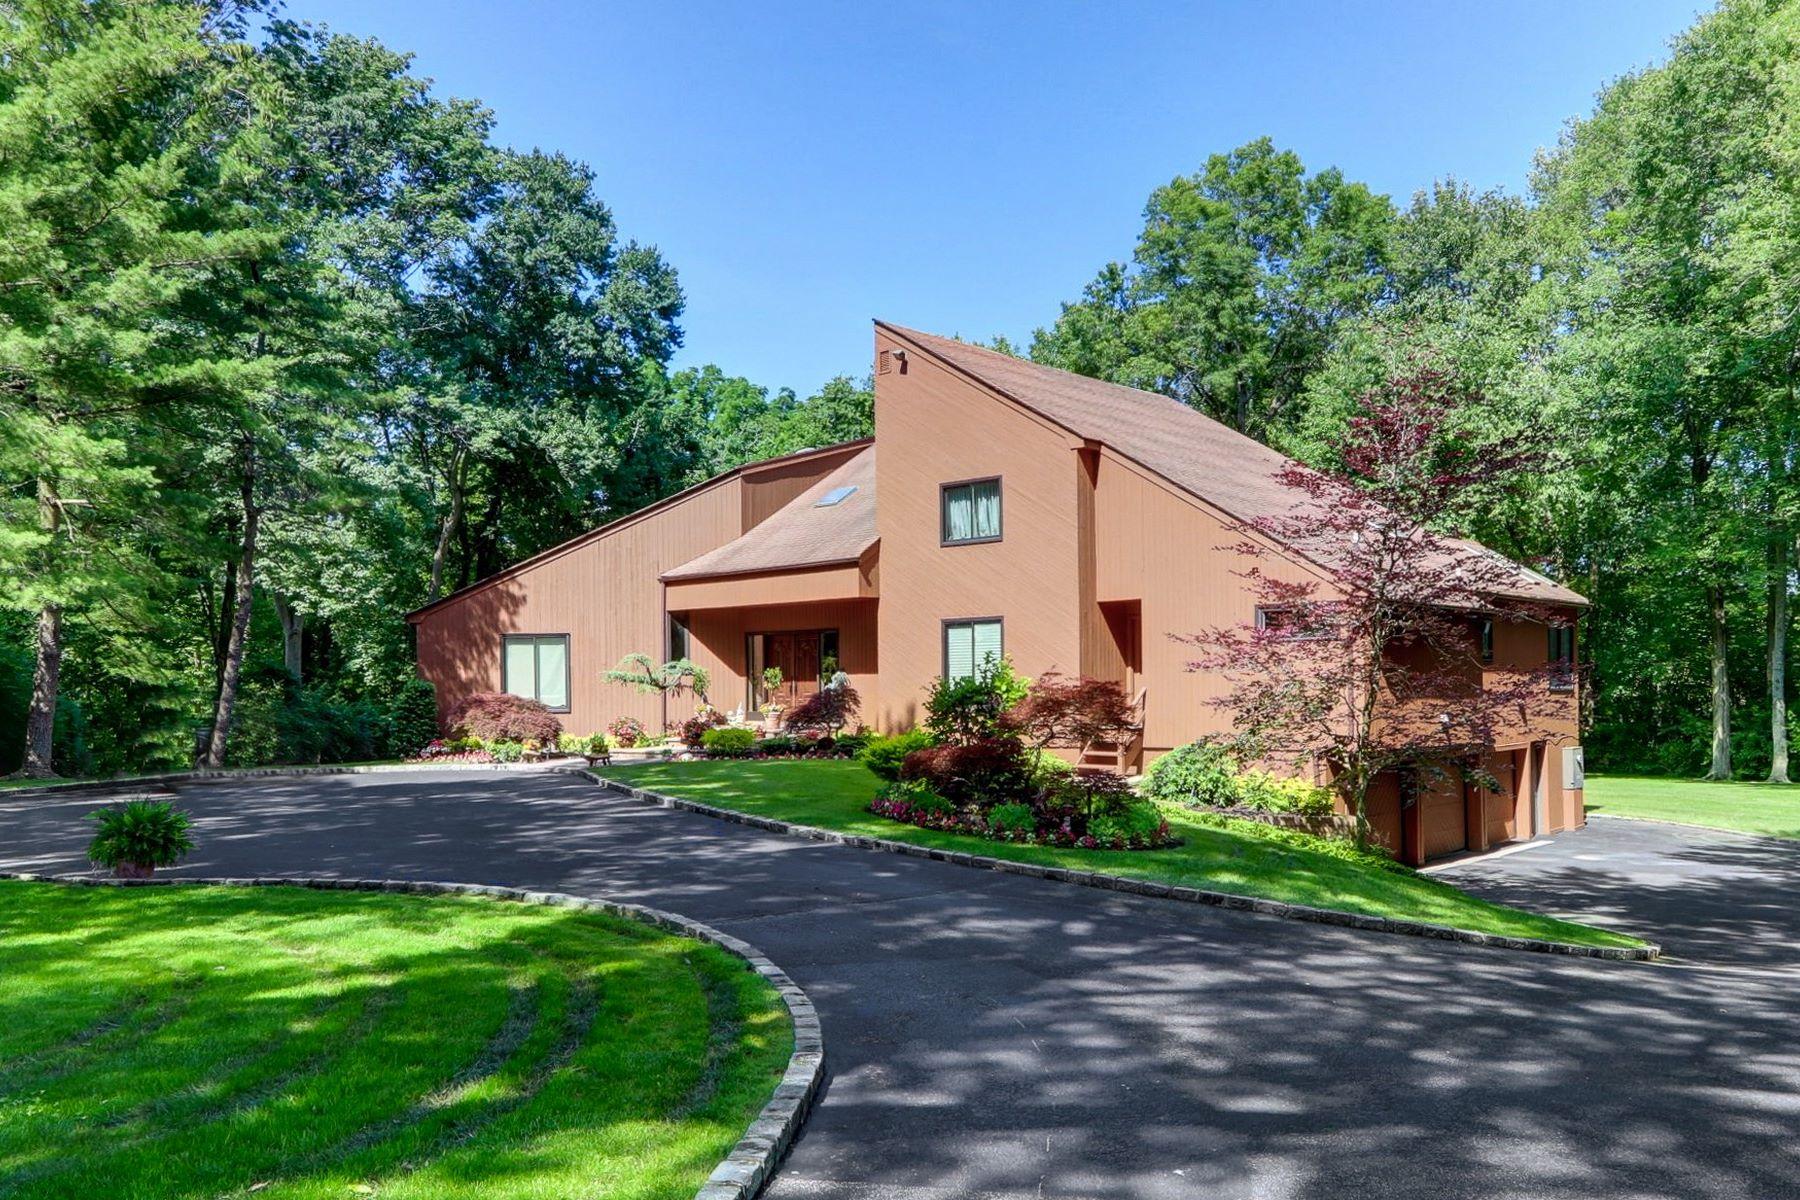 Single Family Homes für Verkauf beim Old Brookville 14 Woodfield Ln, Old Brookville, New York 11545 Vereinigte Staaten